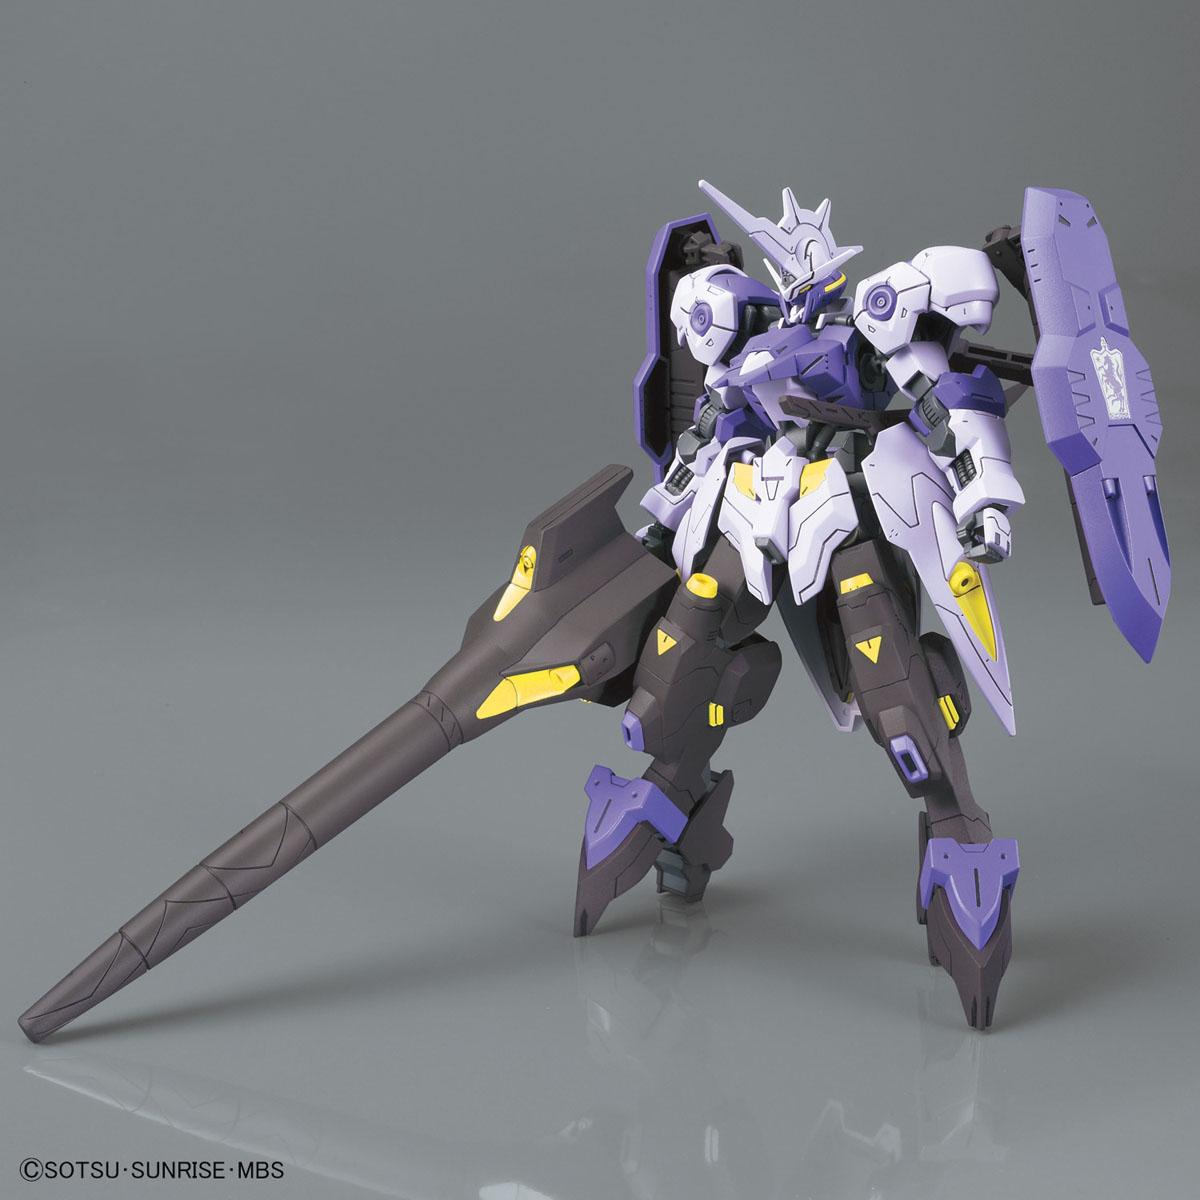 HG 1/144 ガンダムキマリスヴィダール 01